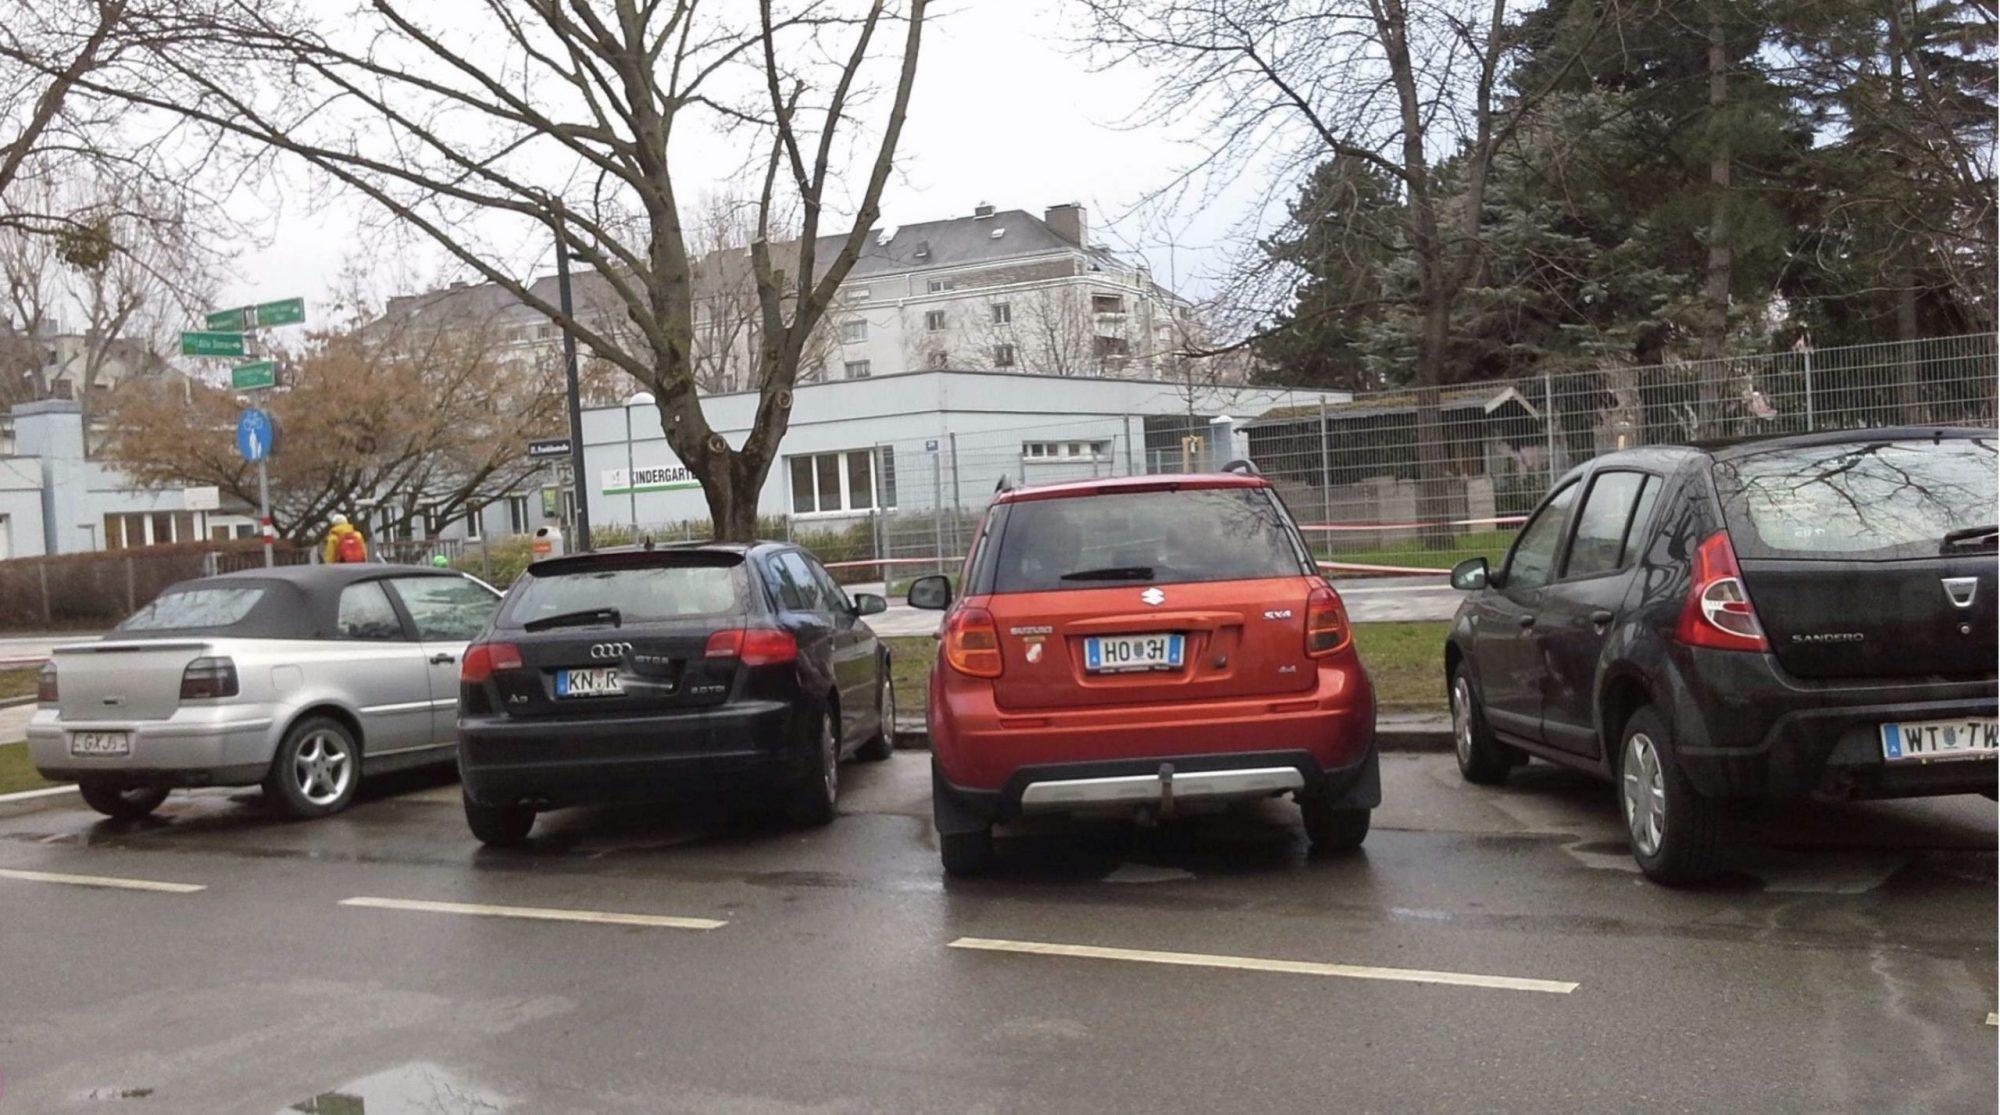 Franklinstraße: Von zehn geparkten Autos haben acht kein Wiener Kennzeichen (22.03.2021). Bild: Grüne Floridsdorf.